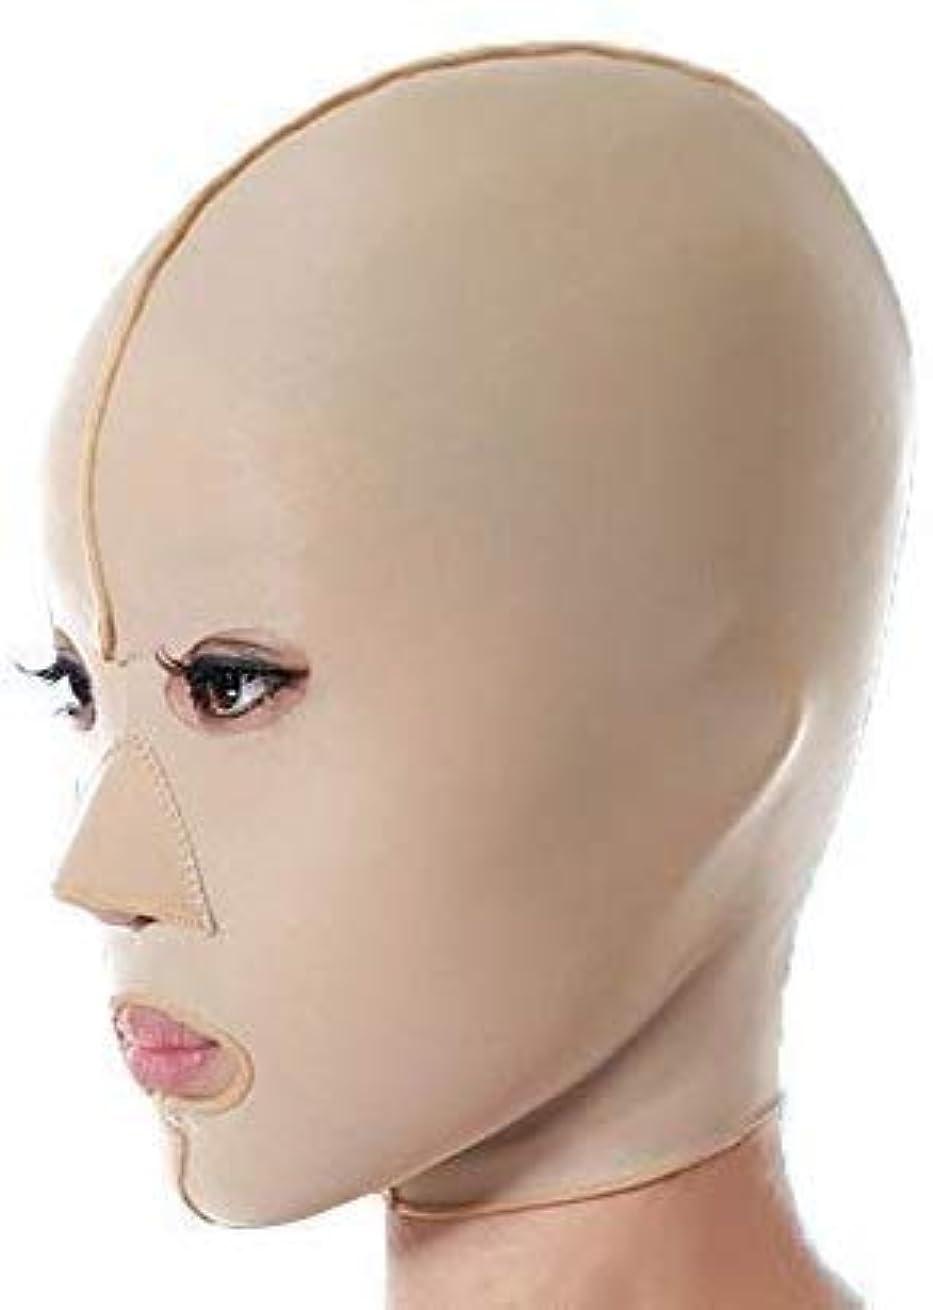 噂スクラブ選ぶ美容と実用的なファーミングフェイスマスク、フェイシャルマスク医学強力なフェイスマスクアーティファクト美容抗たるみ法パターン顔リフティングファーミングフルフェイスマスク(サイズ:M)